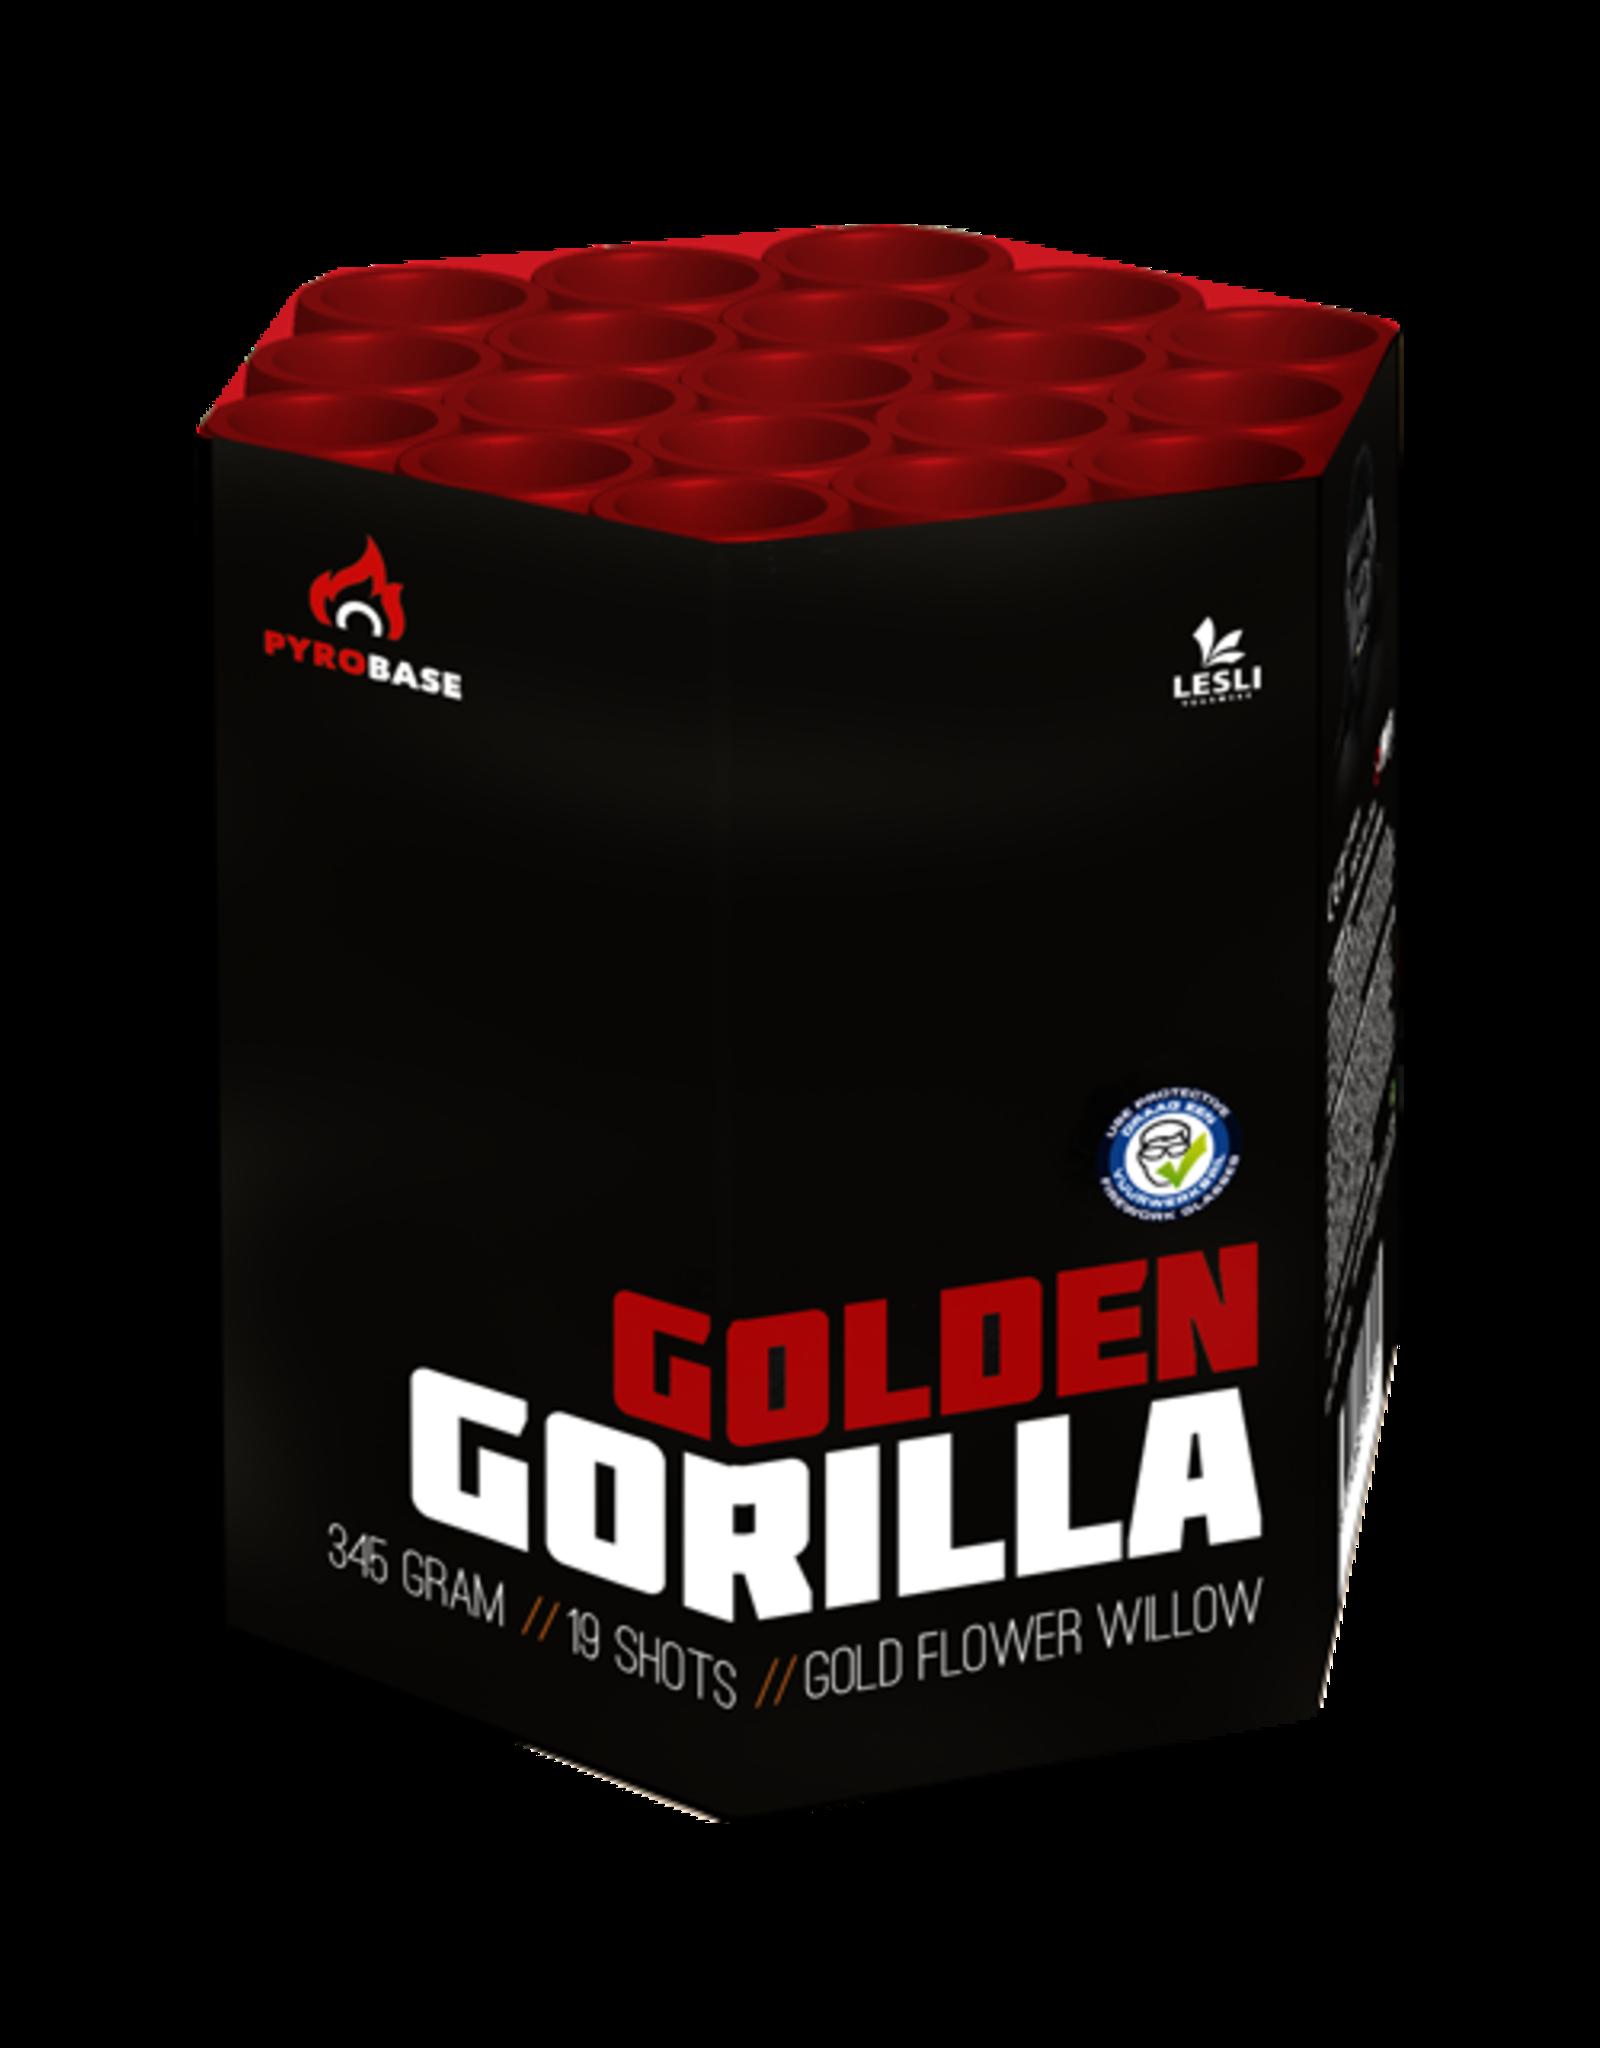 Lesli Vuurwerk Golden Gorilla 19 shots